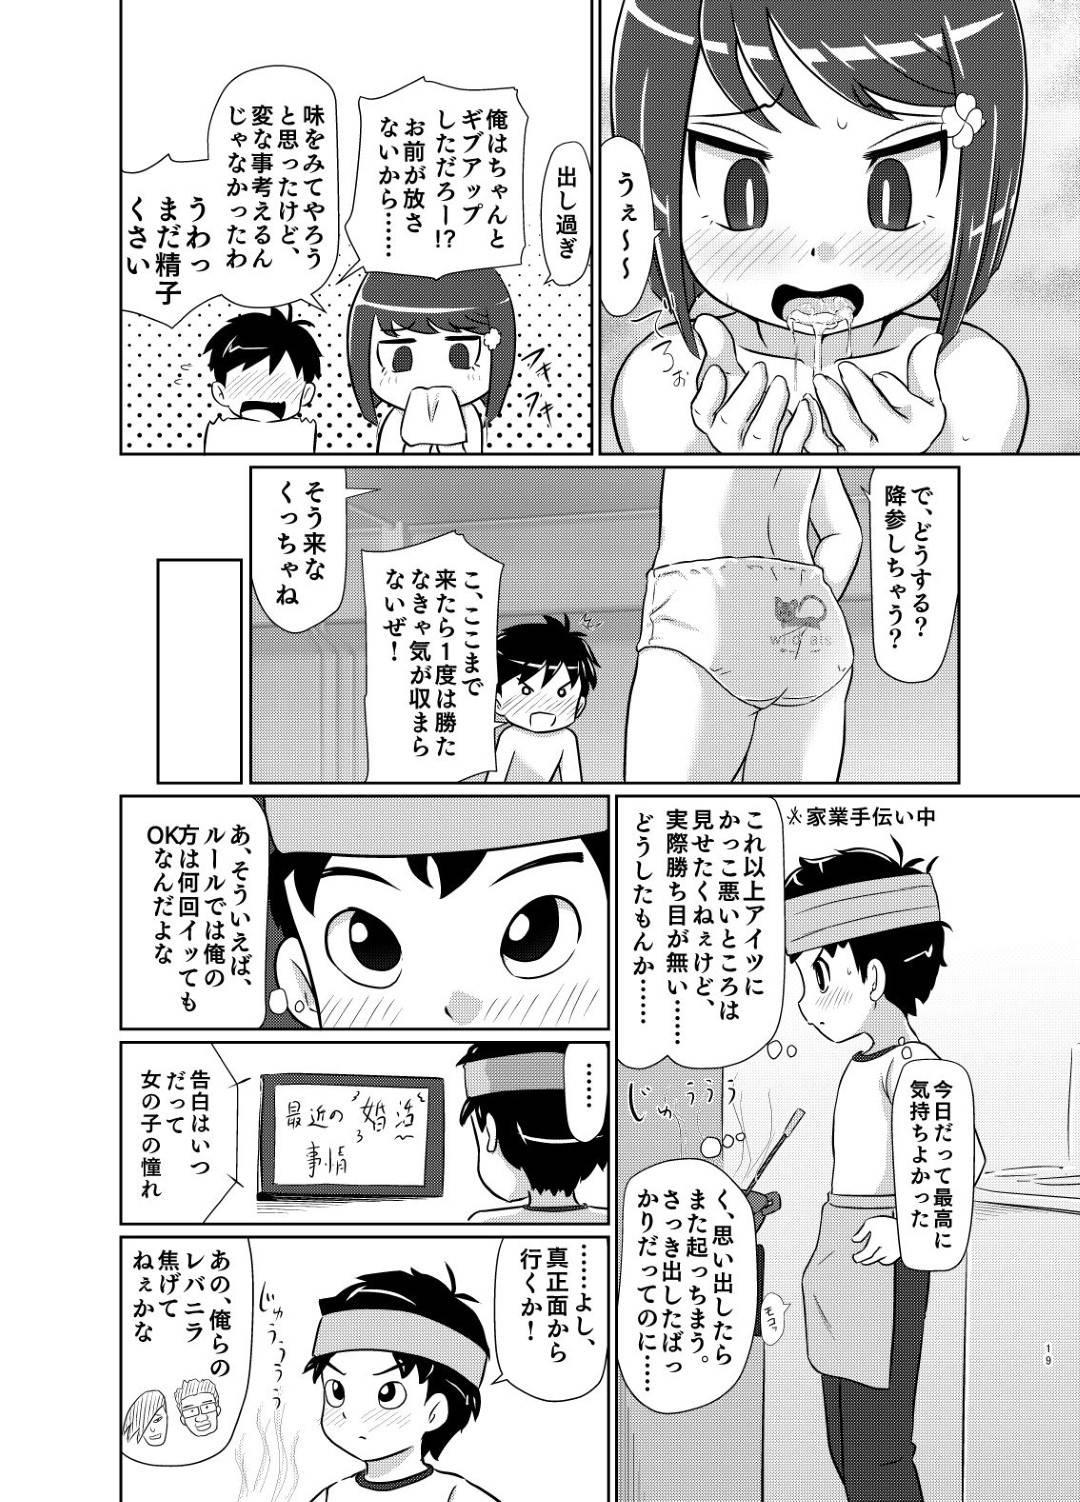 【ロリエロ漫画】テストで瑠奈ちゃんに勝った浩助は、体育倉庫で彼女になかば逆レイプされてしまう。処女なのにも関わらず意地を張って騎乗位で射精させる。【葉助】